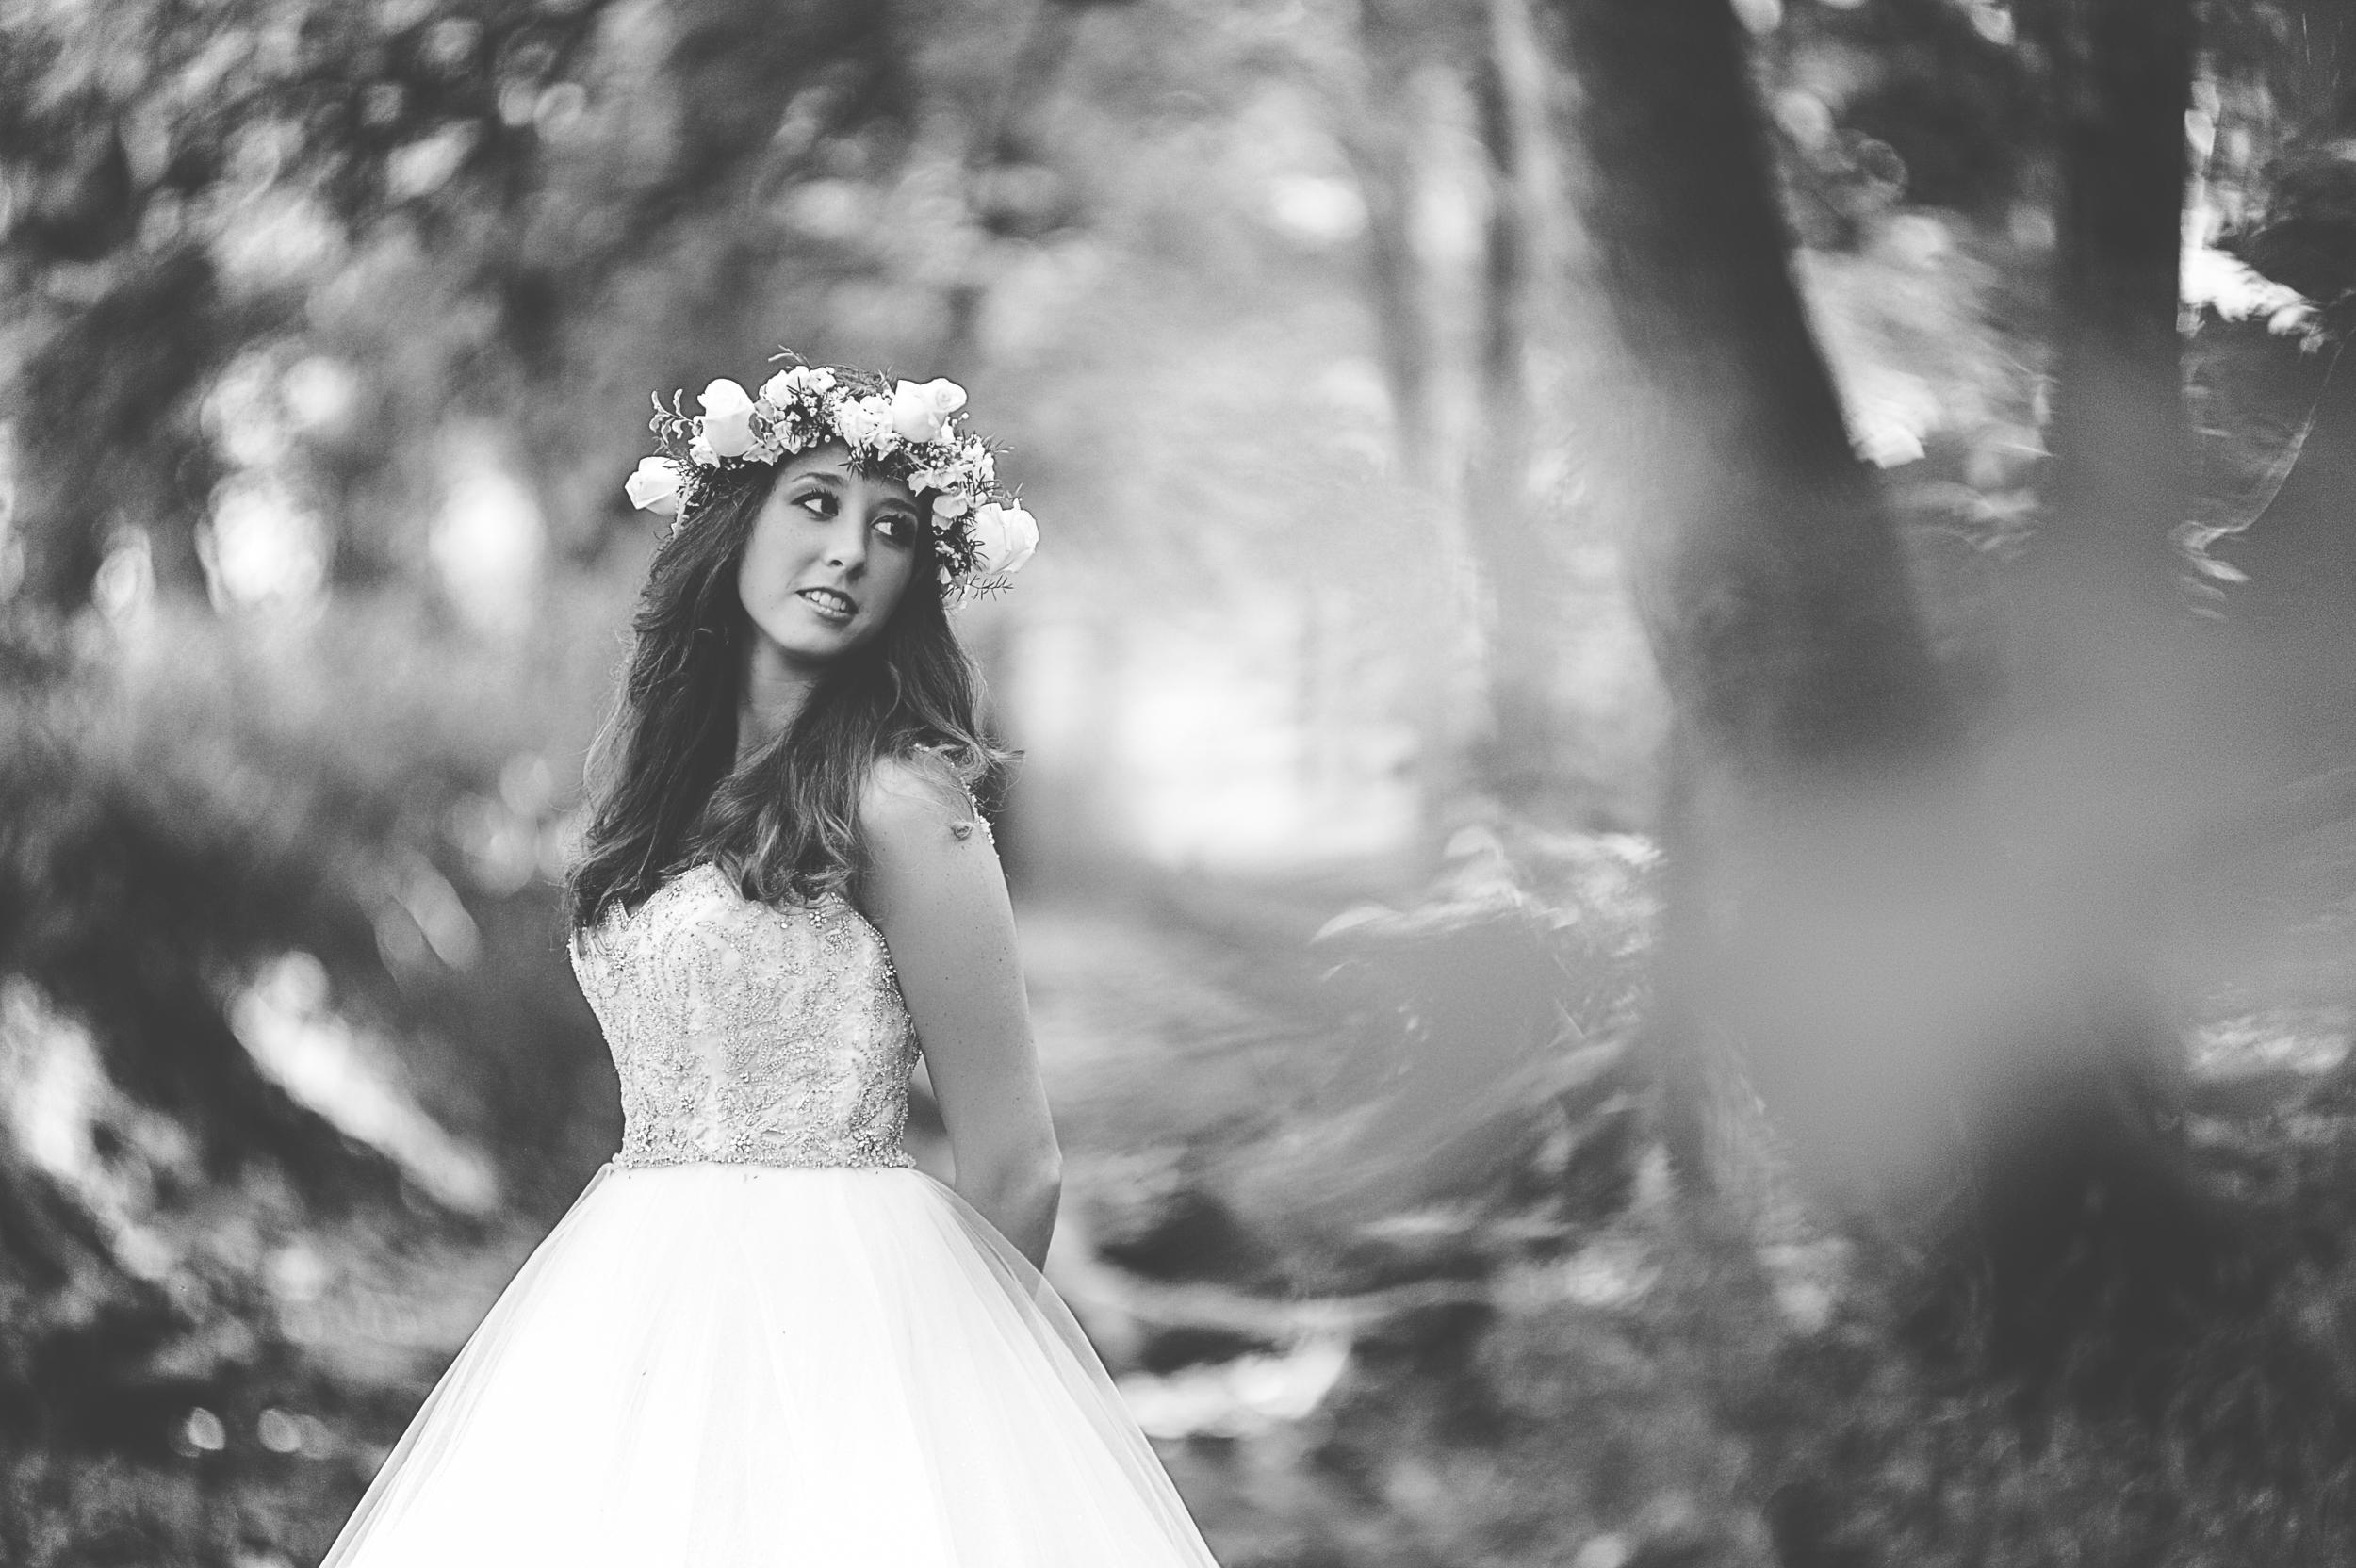 bridals©2015mileswittboyer-36.jpg